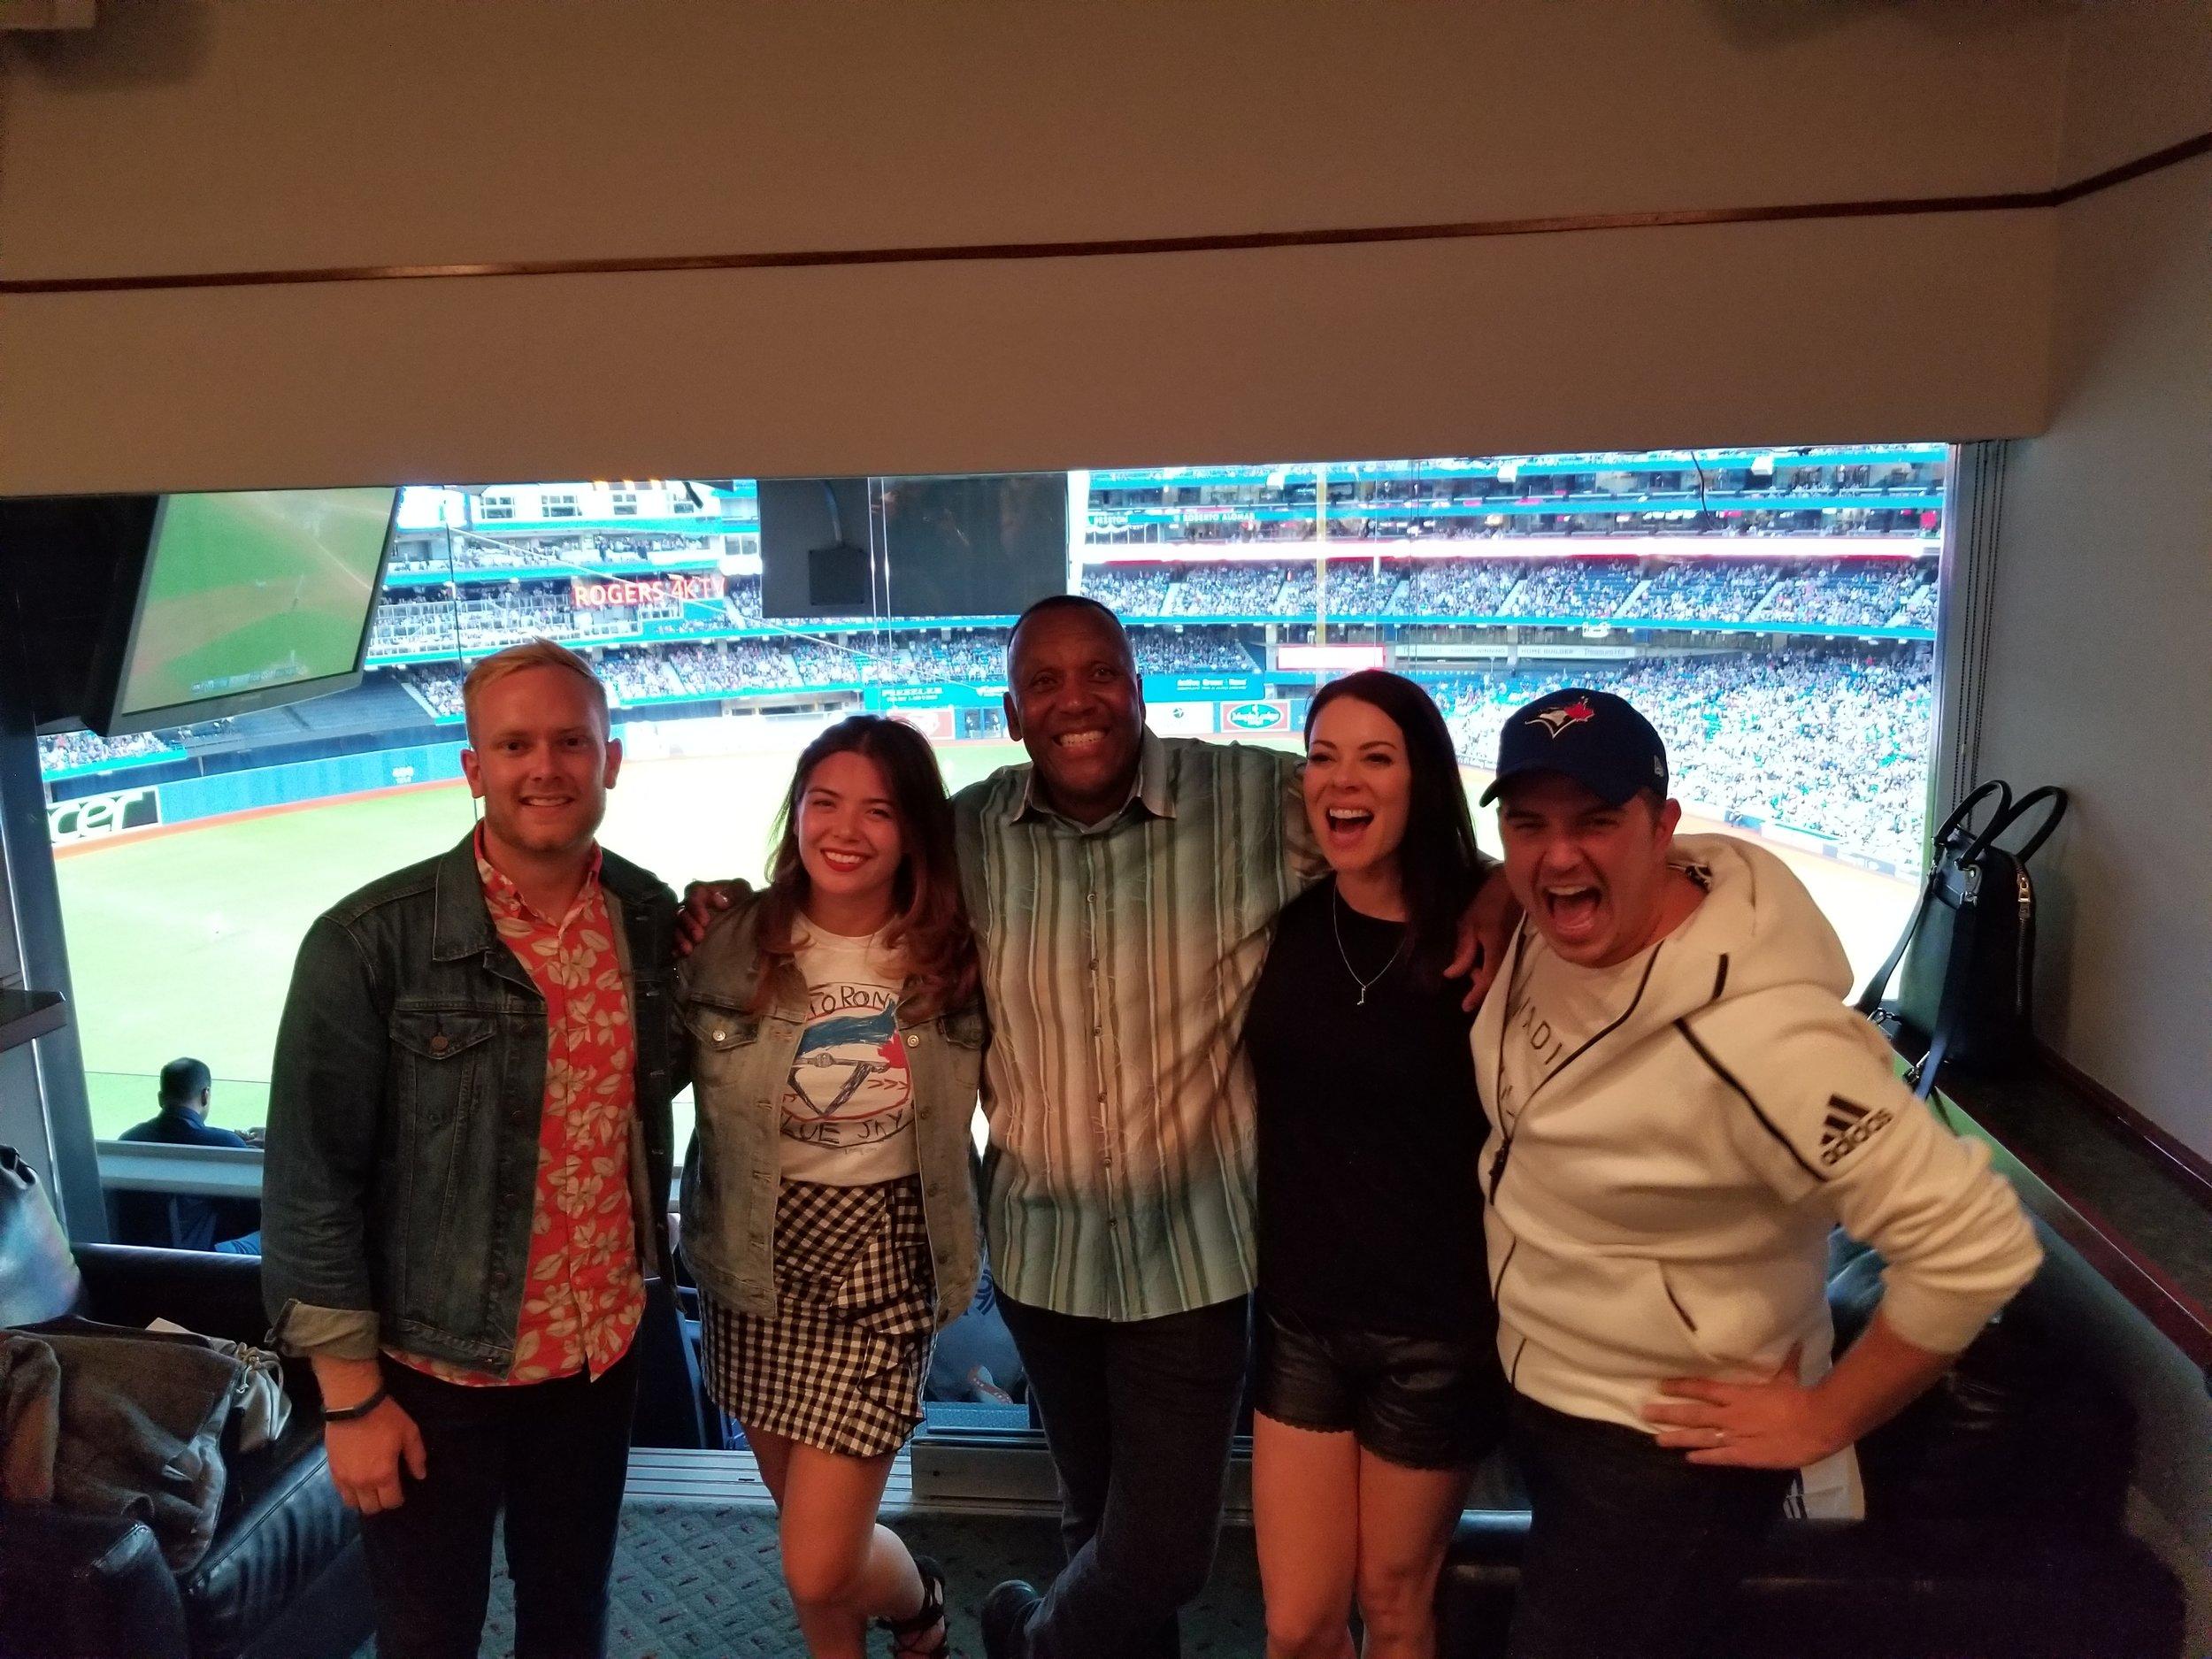 We even got to meet Joe Carter!